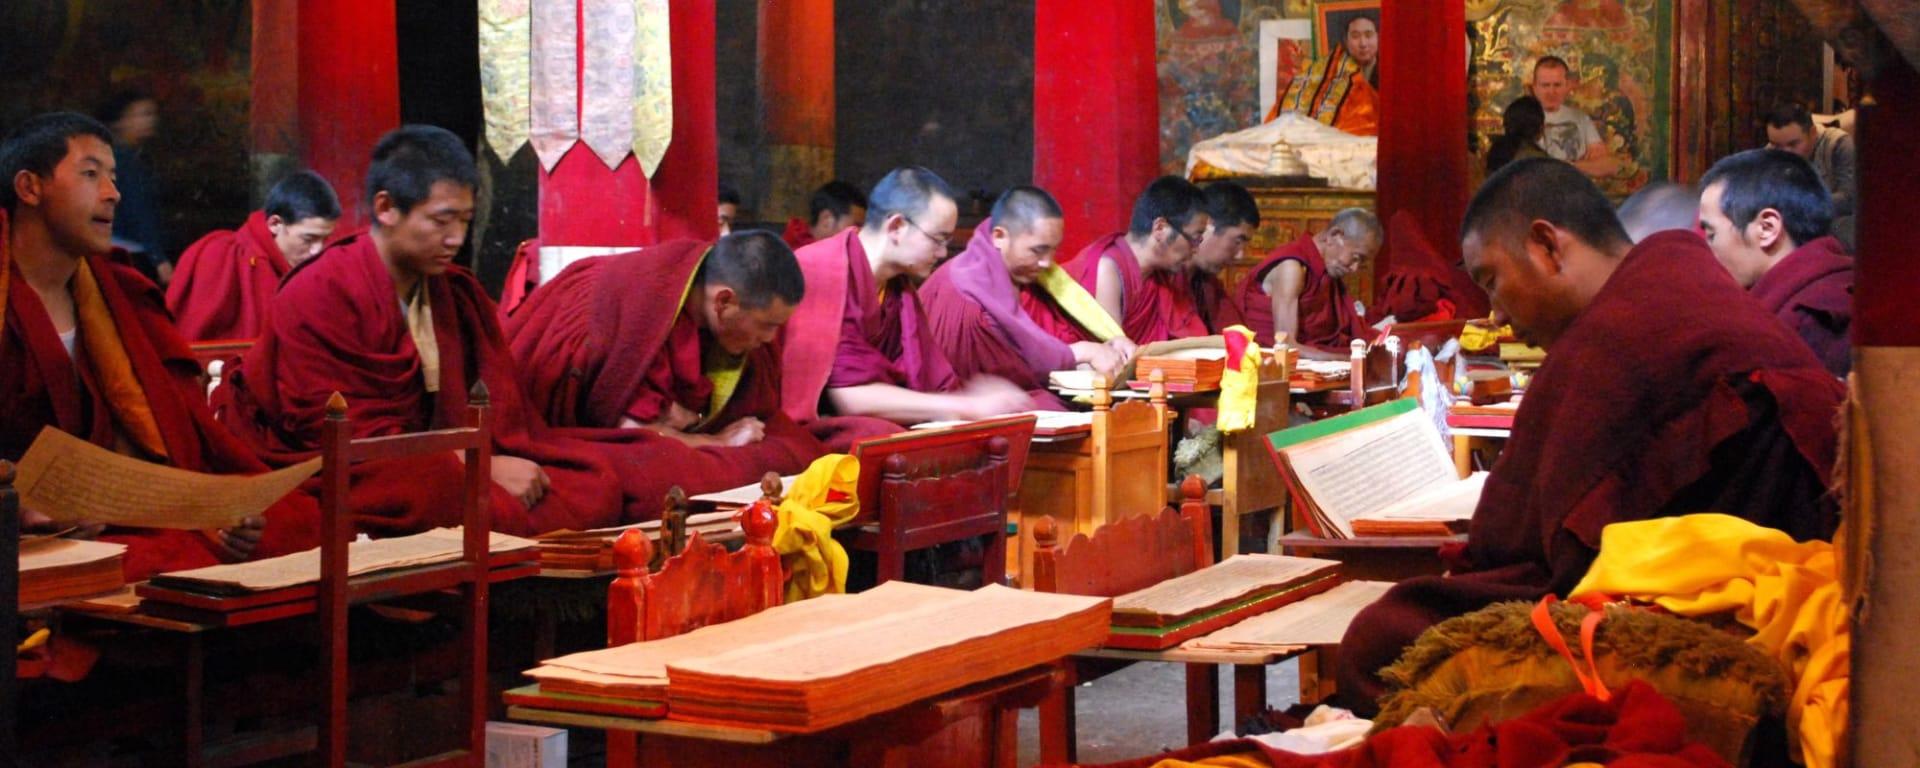 Avec le train du Tibet sur le toit du monde de Pékin: Tibetan Monks Gyantse Pelkhoer Chode Monastery